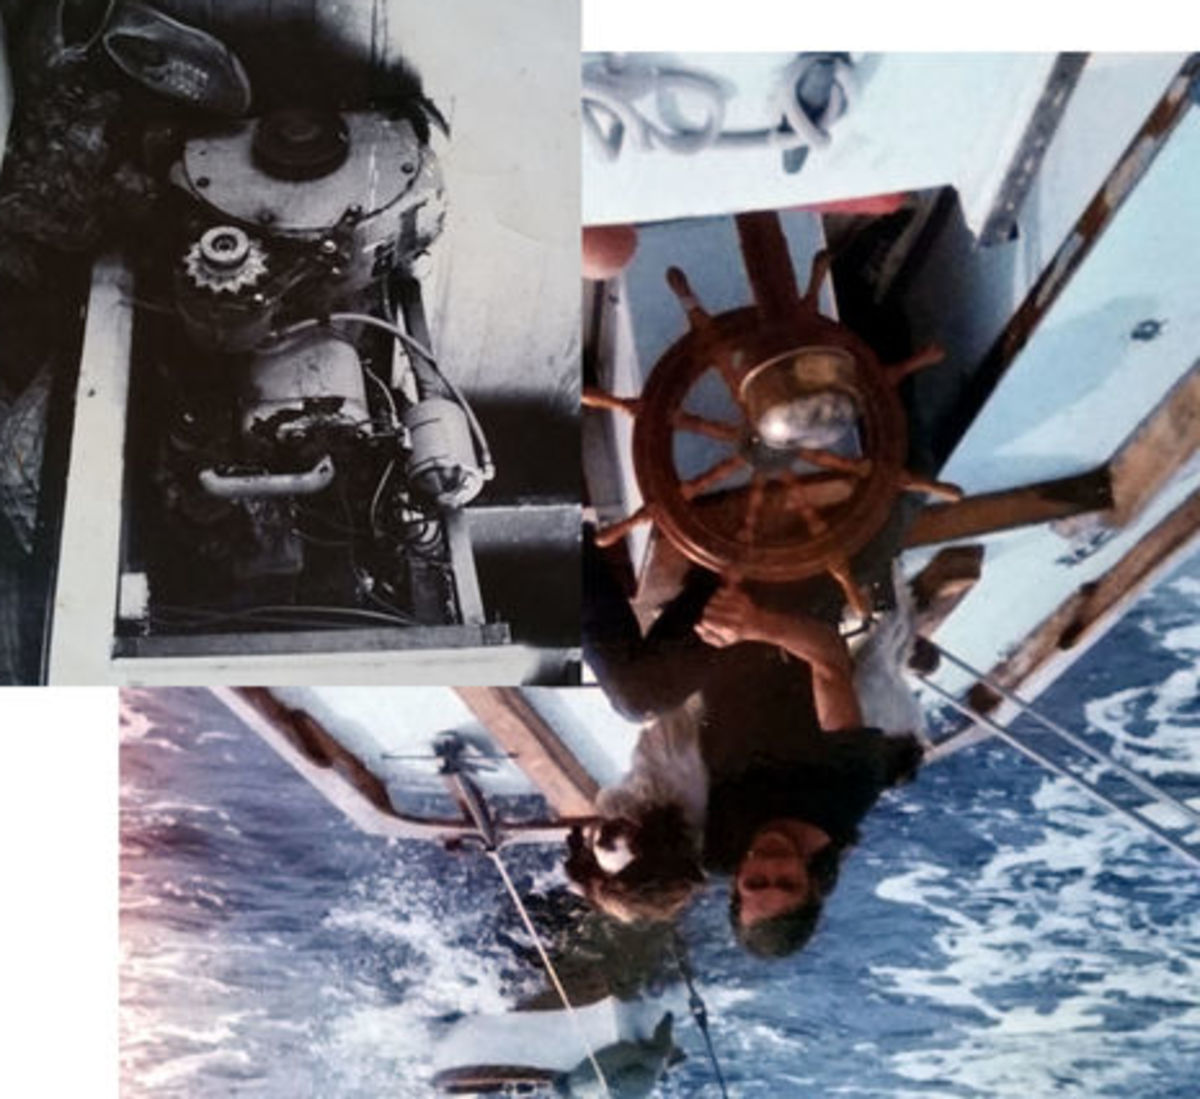 sloop_Alice_1971_-_Joe_n_Furly_n_old_Redwing_engine_-_cPanbo.jpg